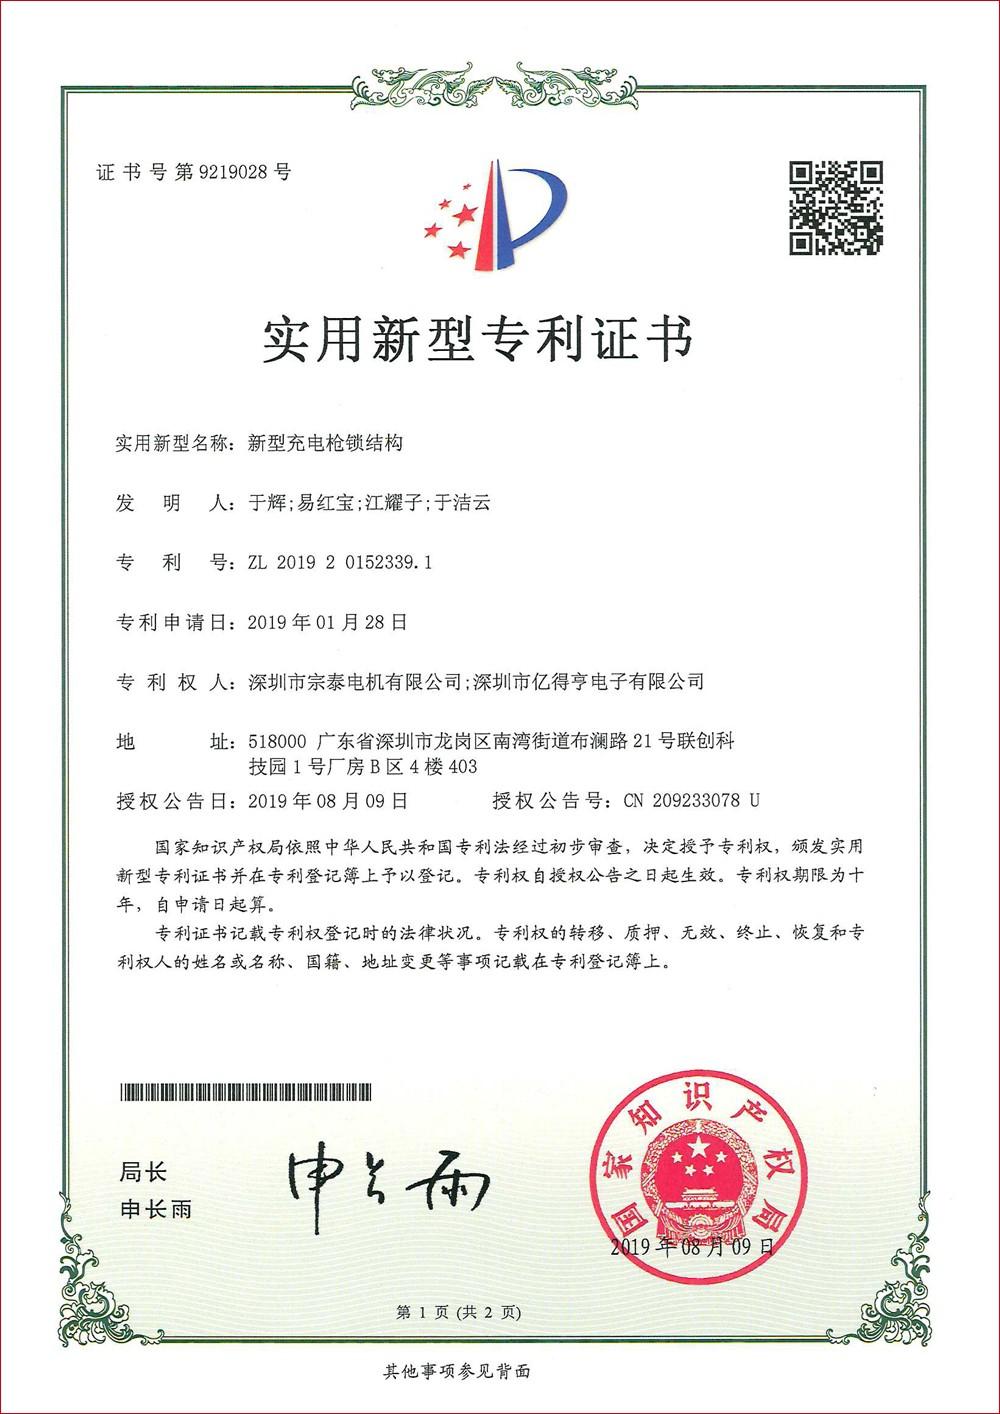 実用新案特許証明書5